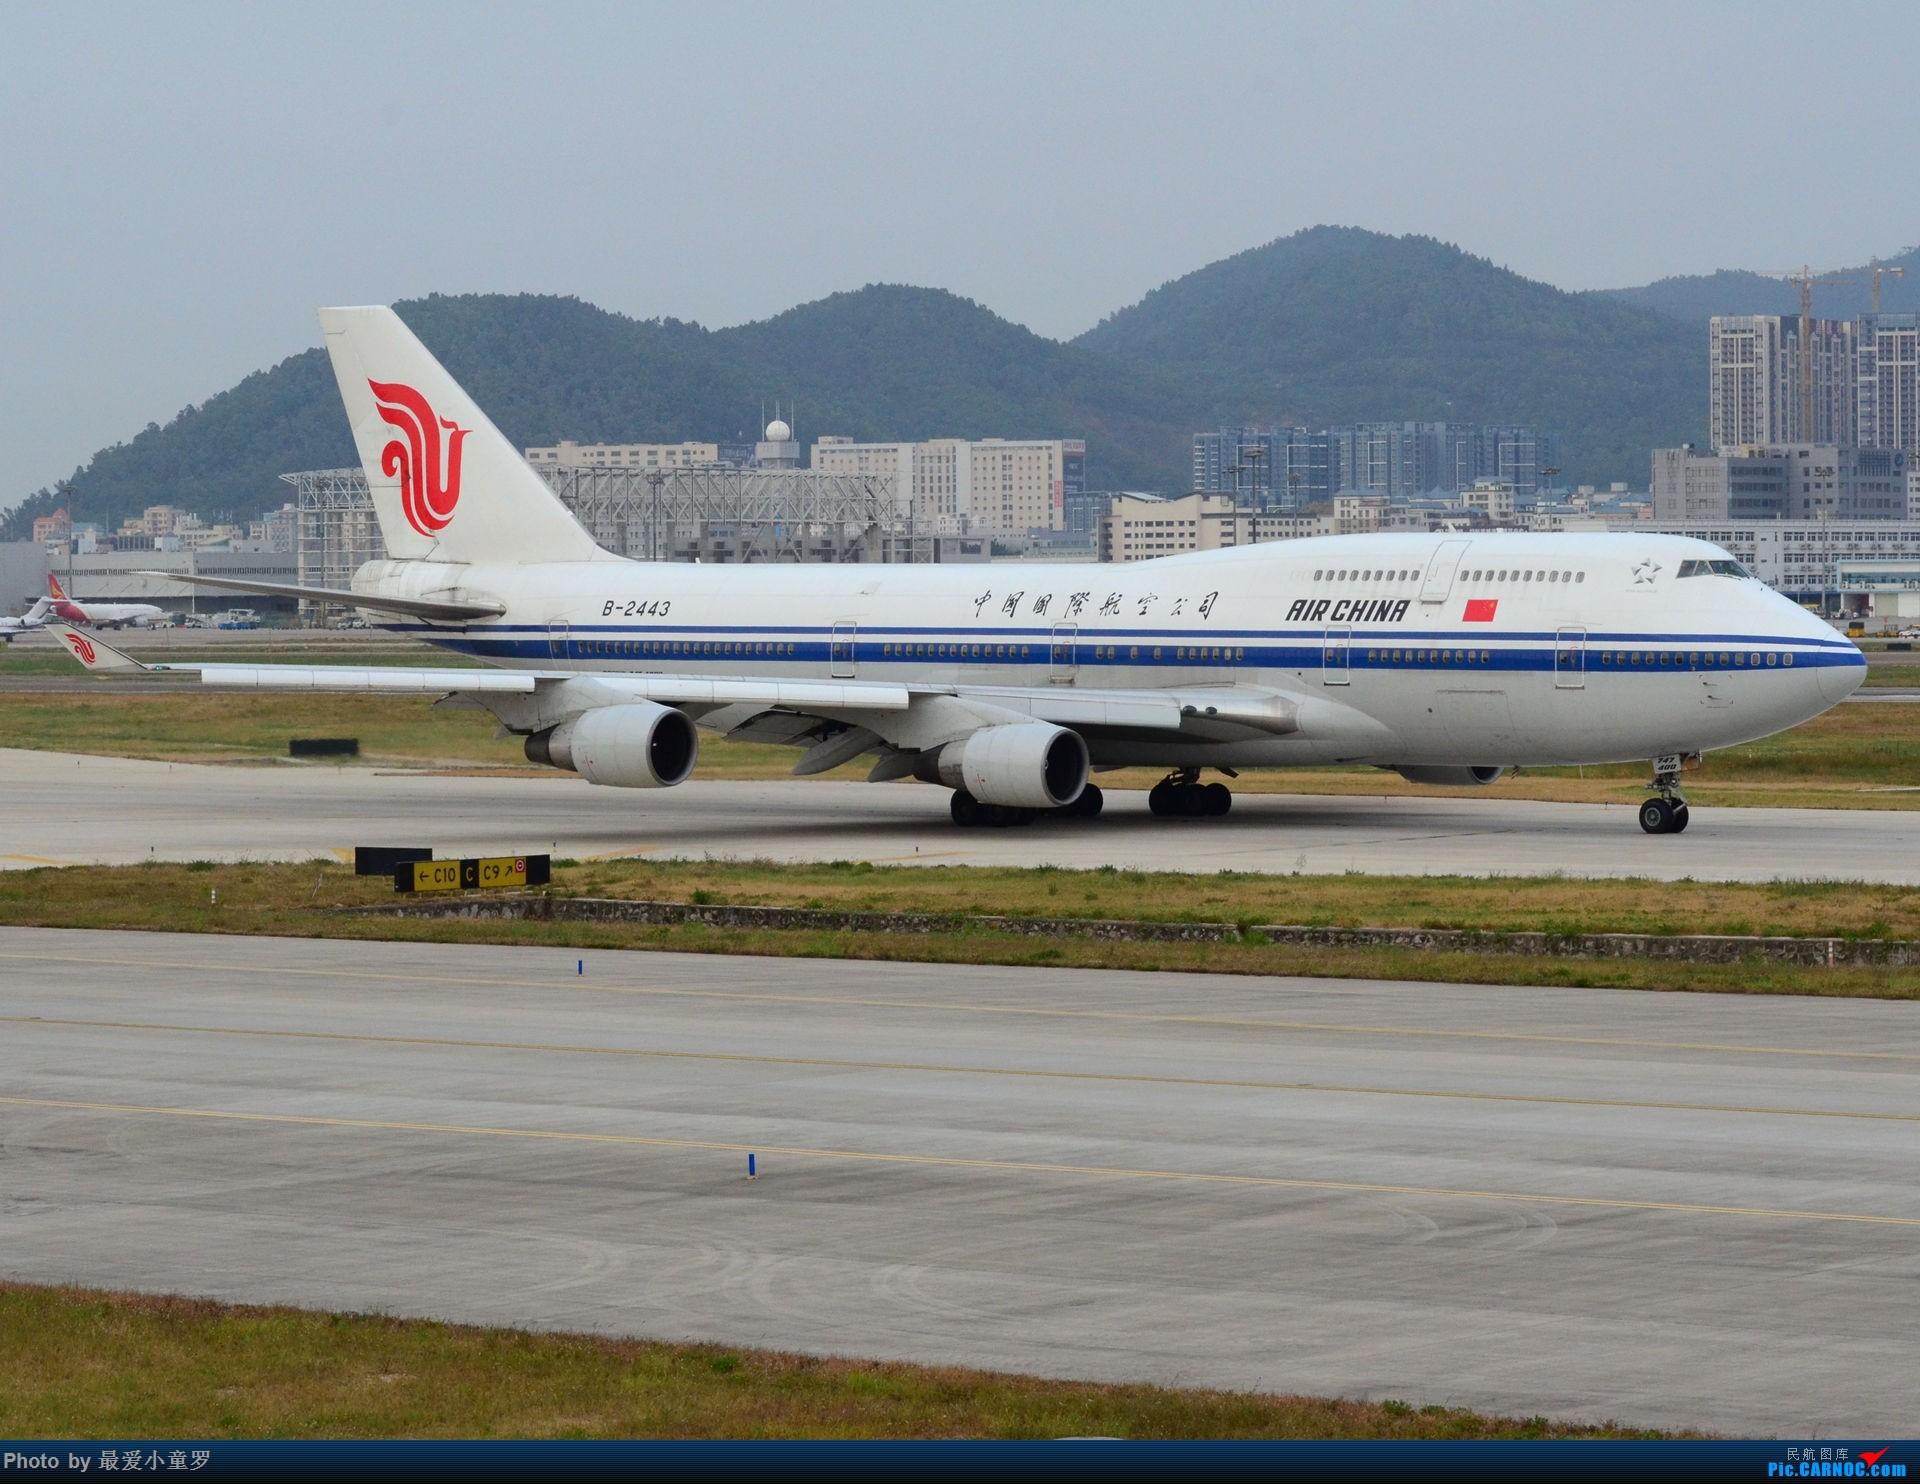 Re:[原创]旧的不去,新的不来——致2014远去的背影! BOEING 747-400 B-2443 中国深圳宝安国际机场